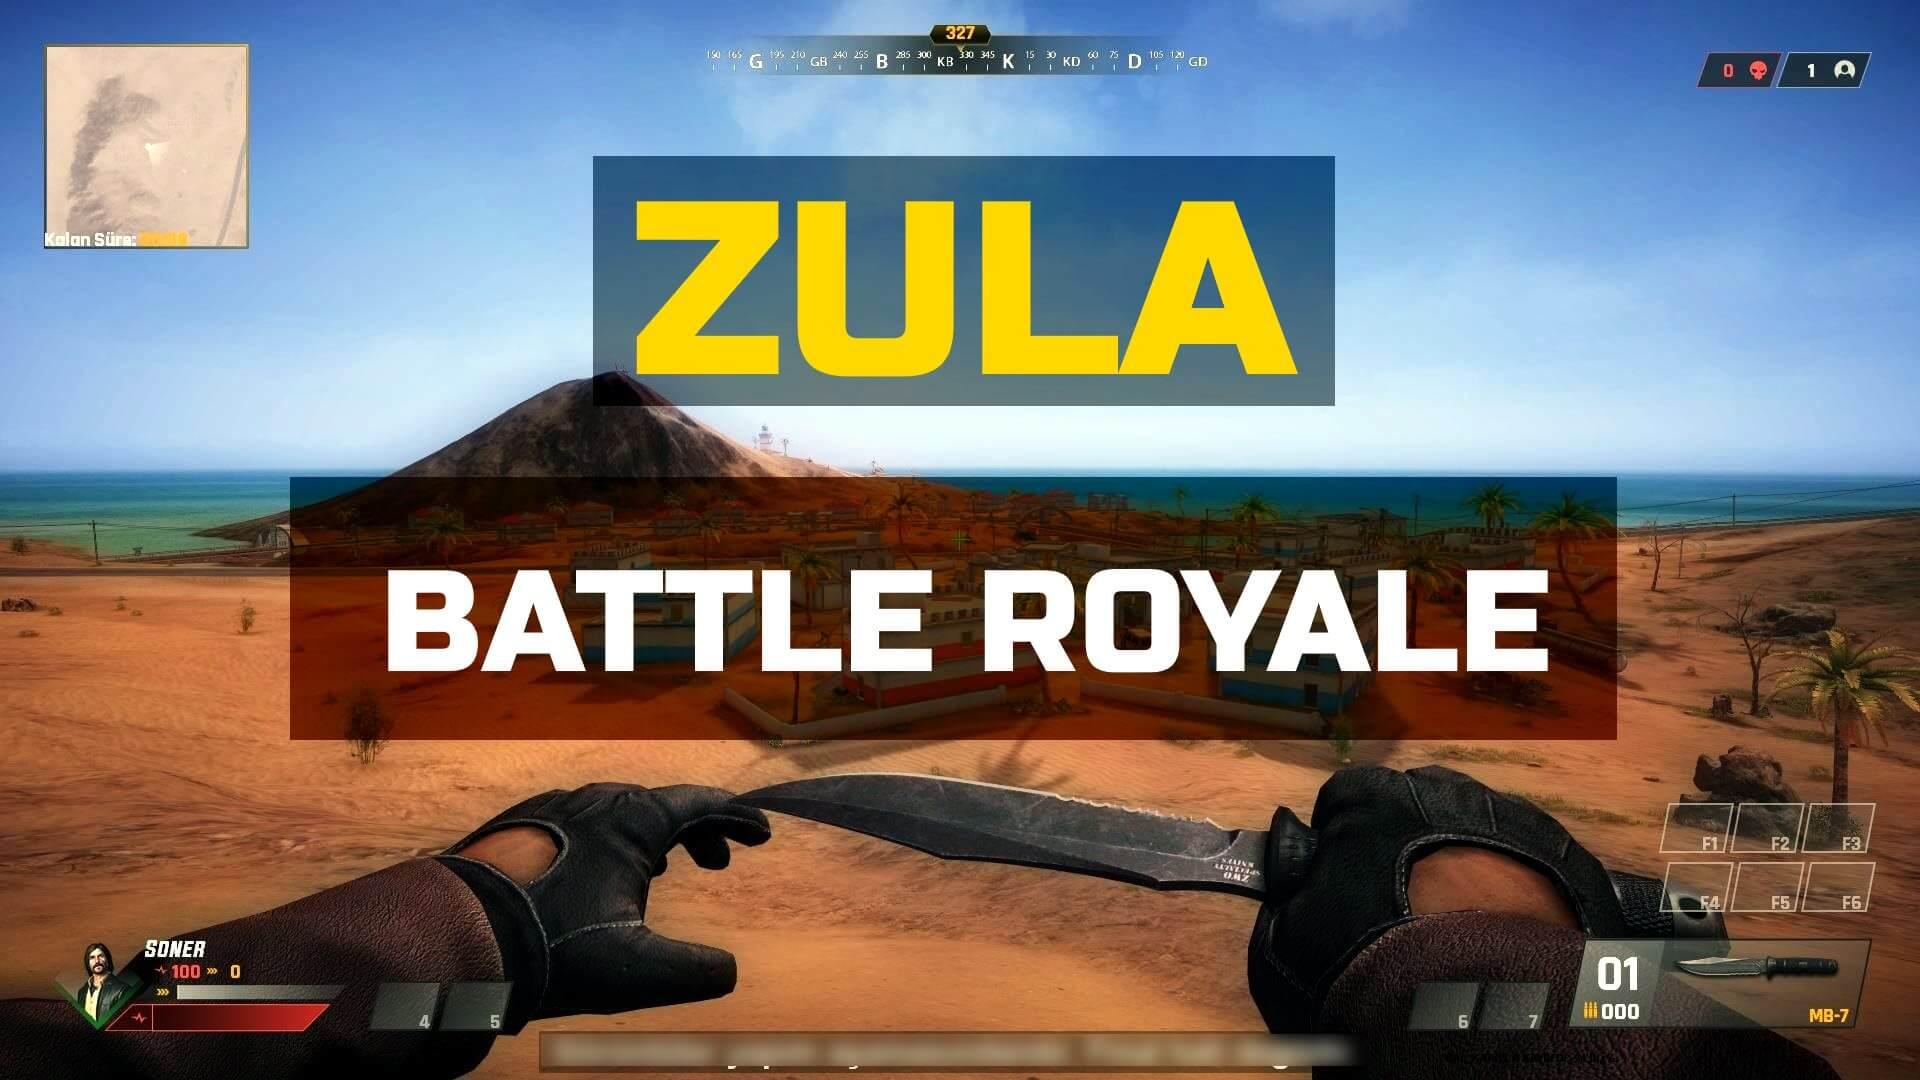 PUBG'ye Yerli Rakip Oyun: Zula Battle Royale!